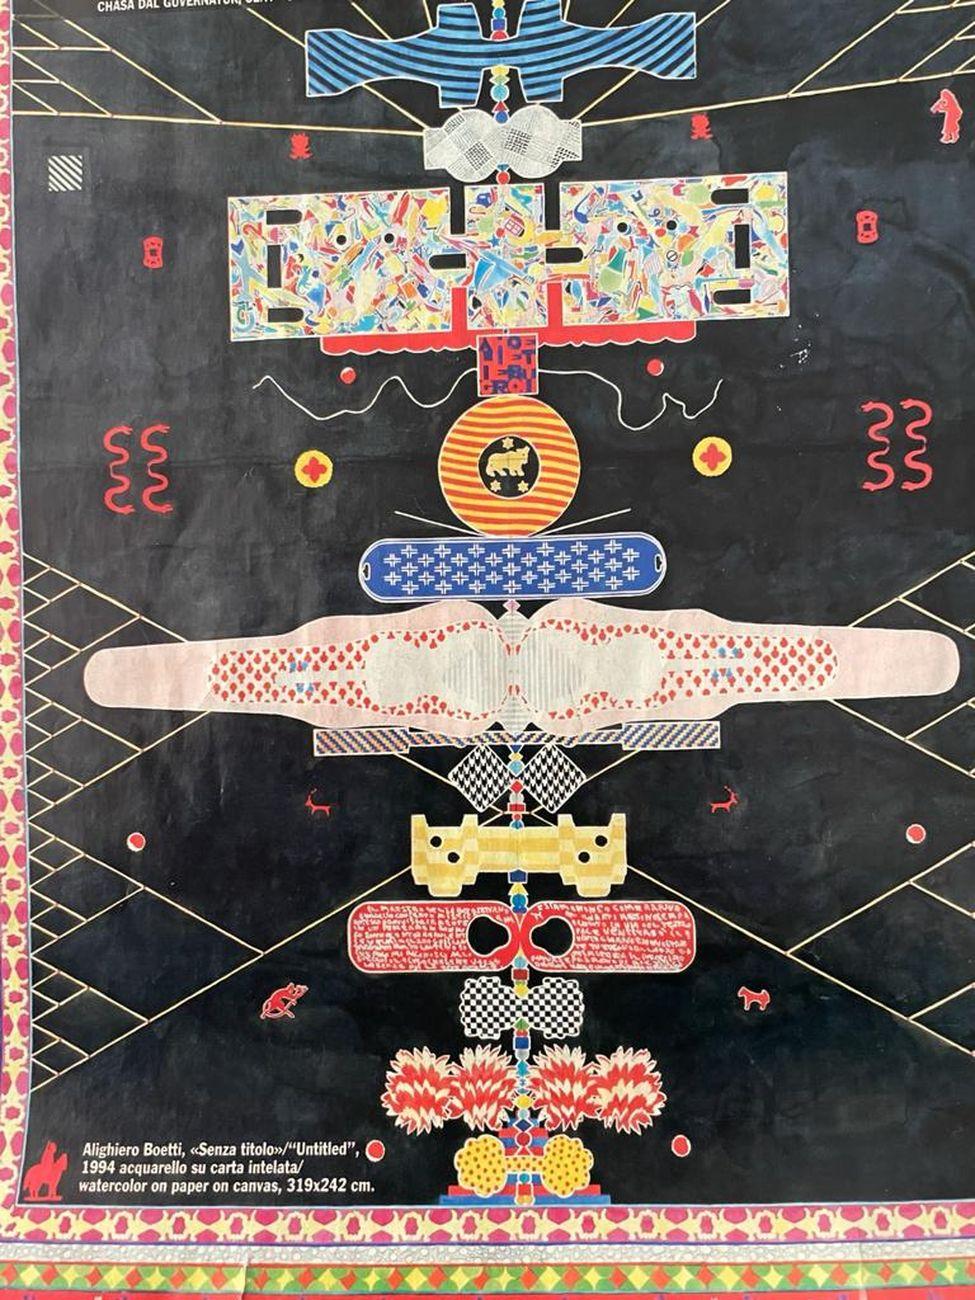 Alighiero Boetti, Senza titolo, 1994, acquarello su carta intelata, 319x242 cm. Courtesy Felice d'Alfonso del Sordo